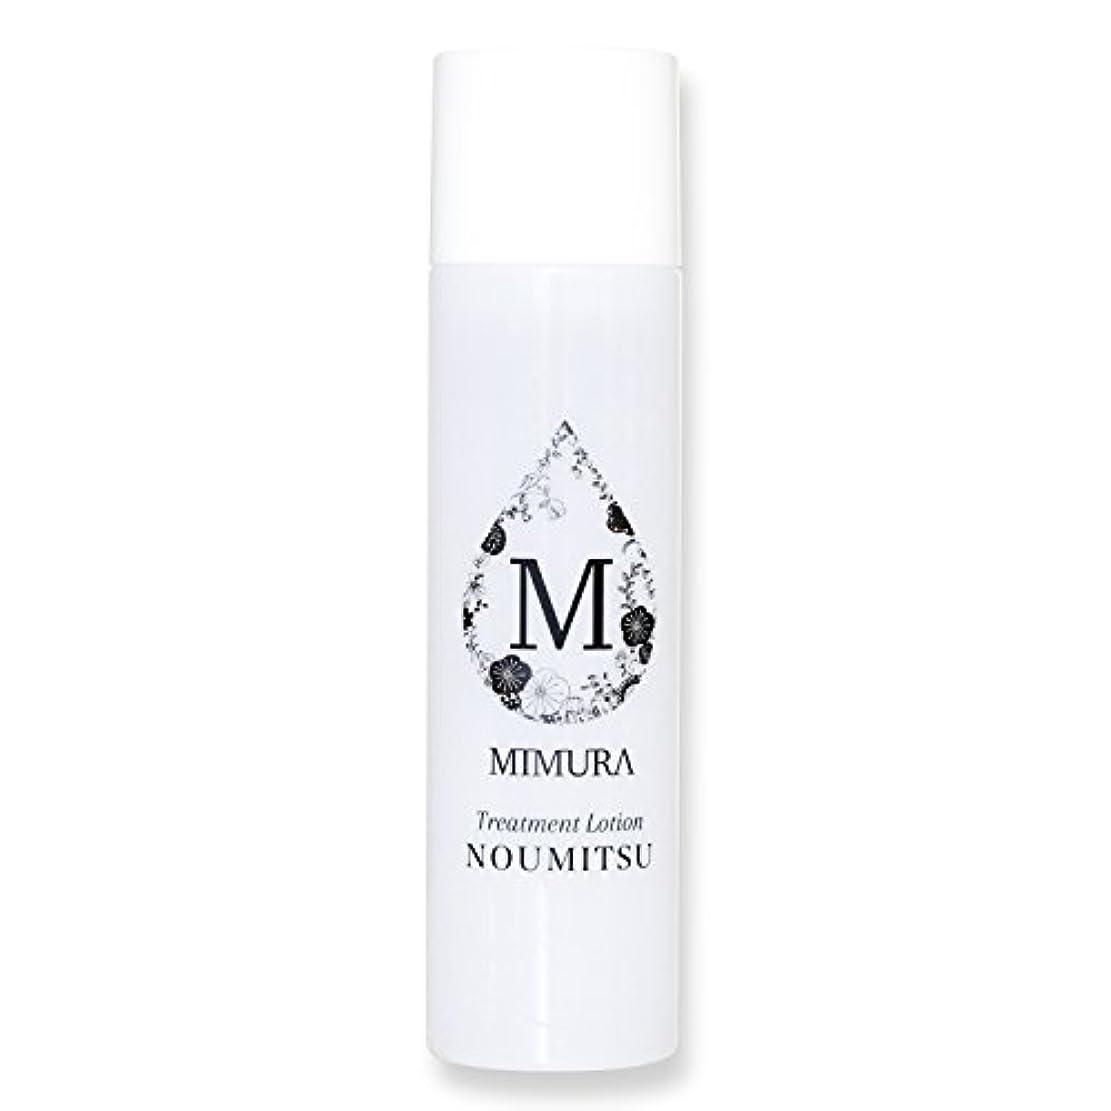 ボルト製品来て化粧水 乾燥肌 うるおい 送料無料 ミムラ トリートメントローション NOUMITSU MIMURA 日本製